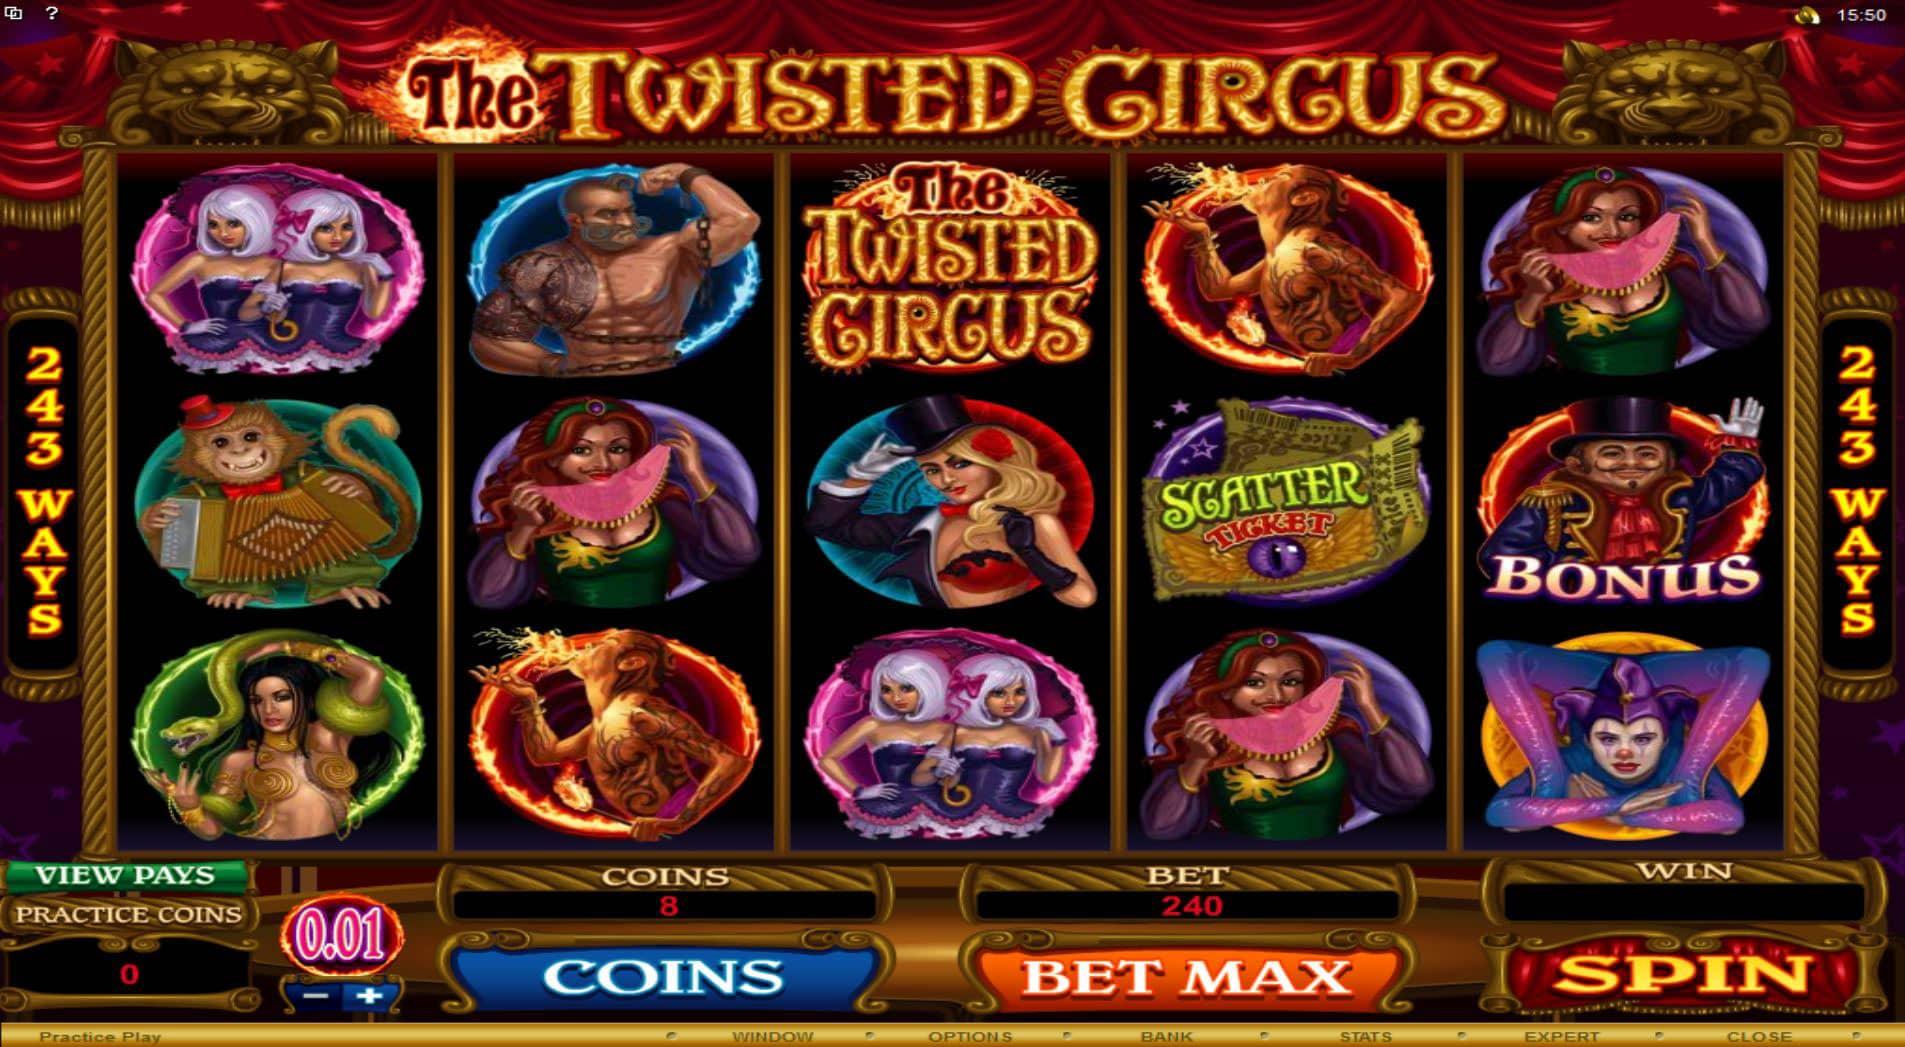 casino online spielen jetzt spielen 2000